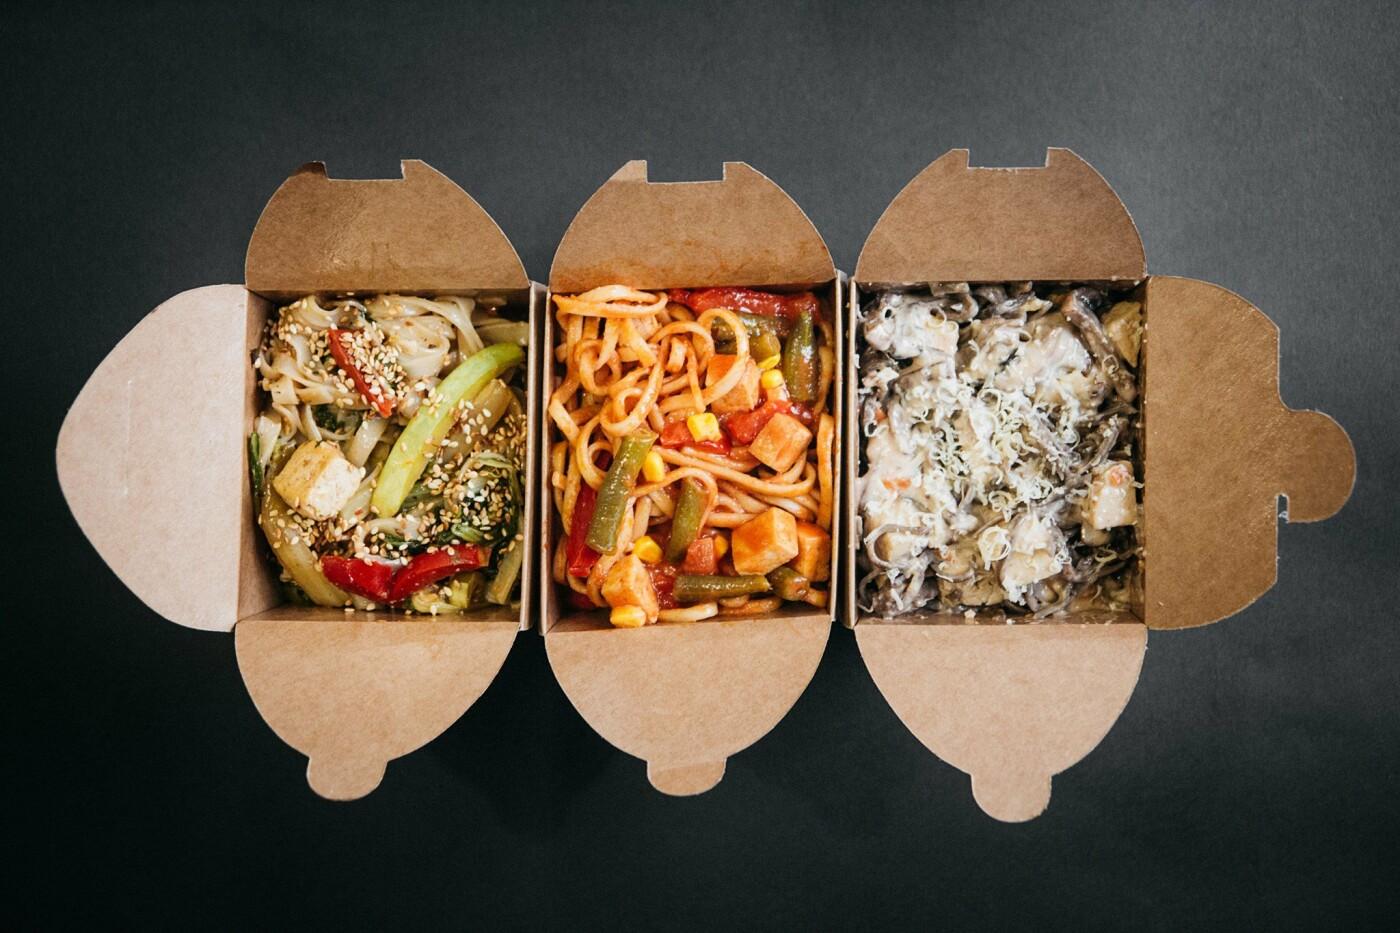 8 закладів з вегетаріанським меню у Львові, де можна смачно поїсти, фото-6